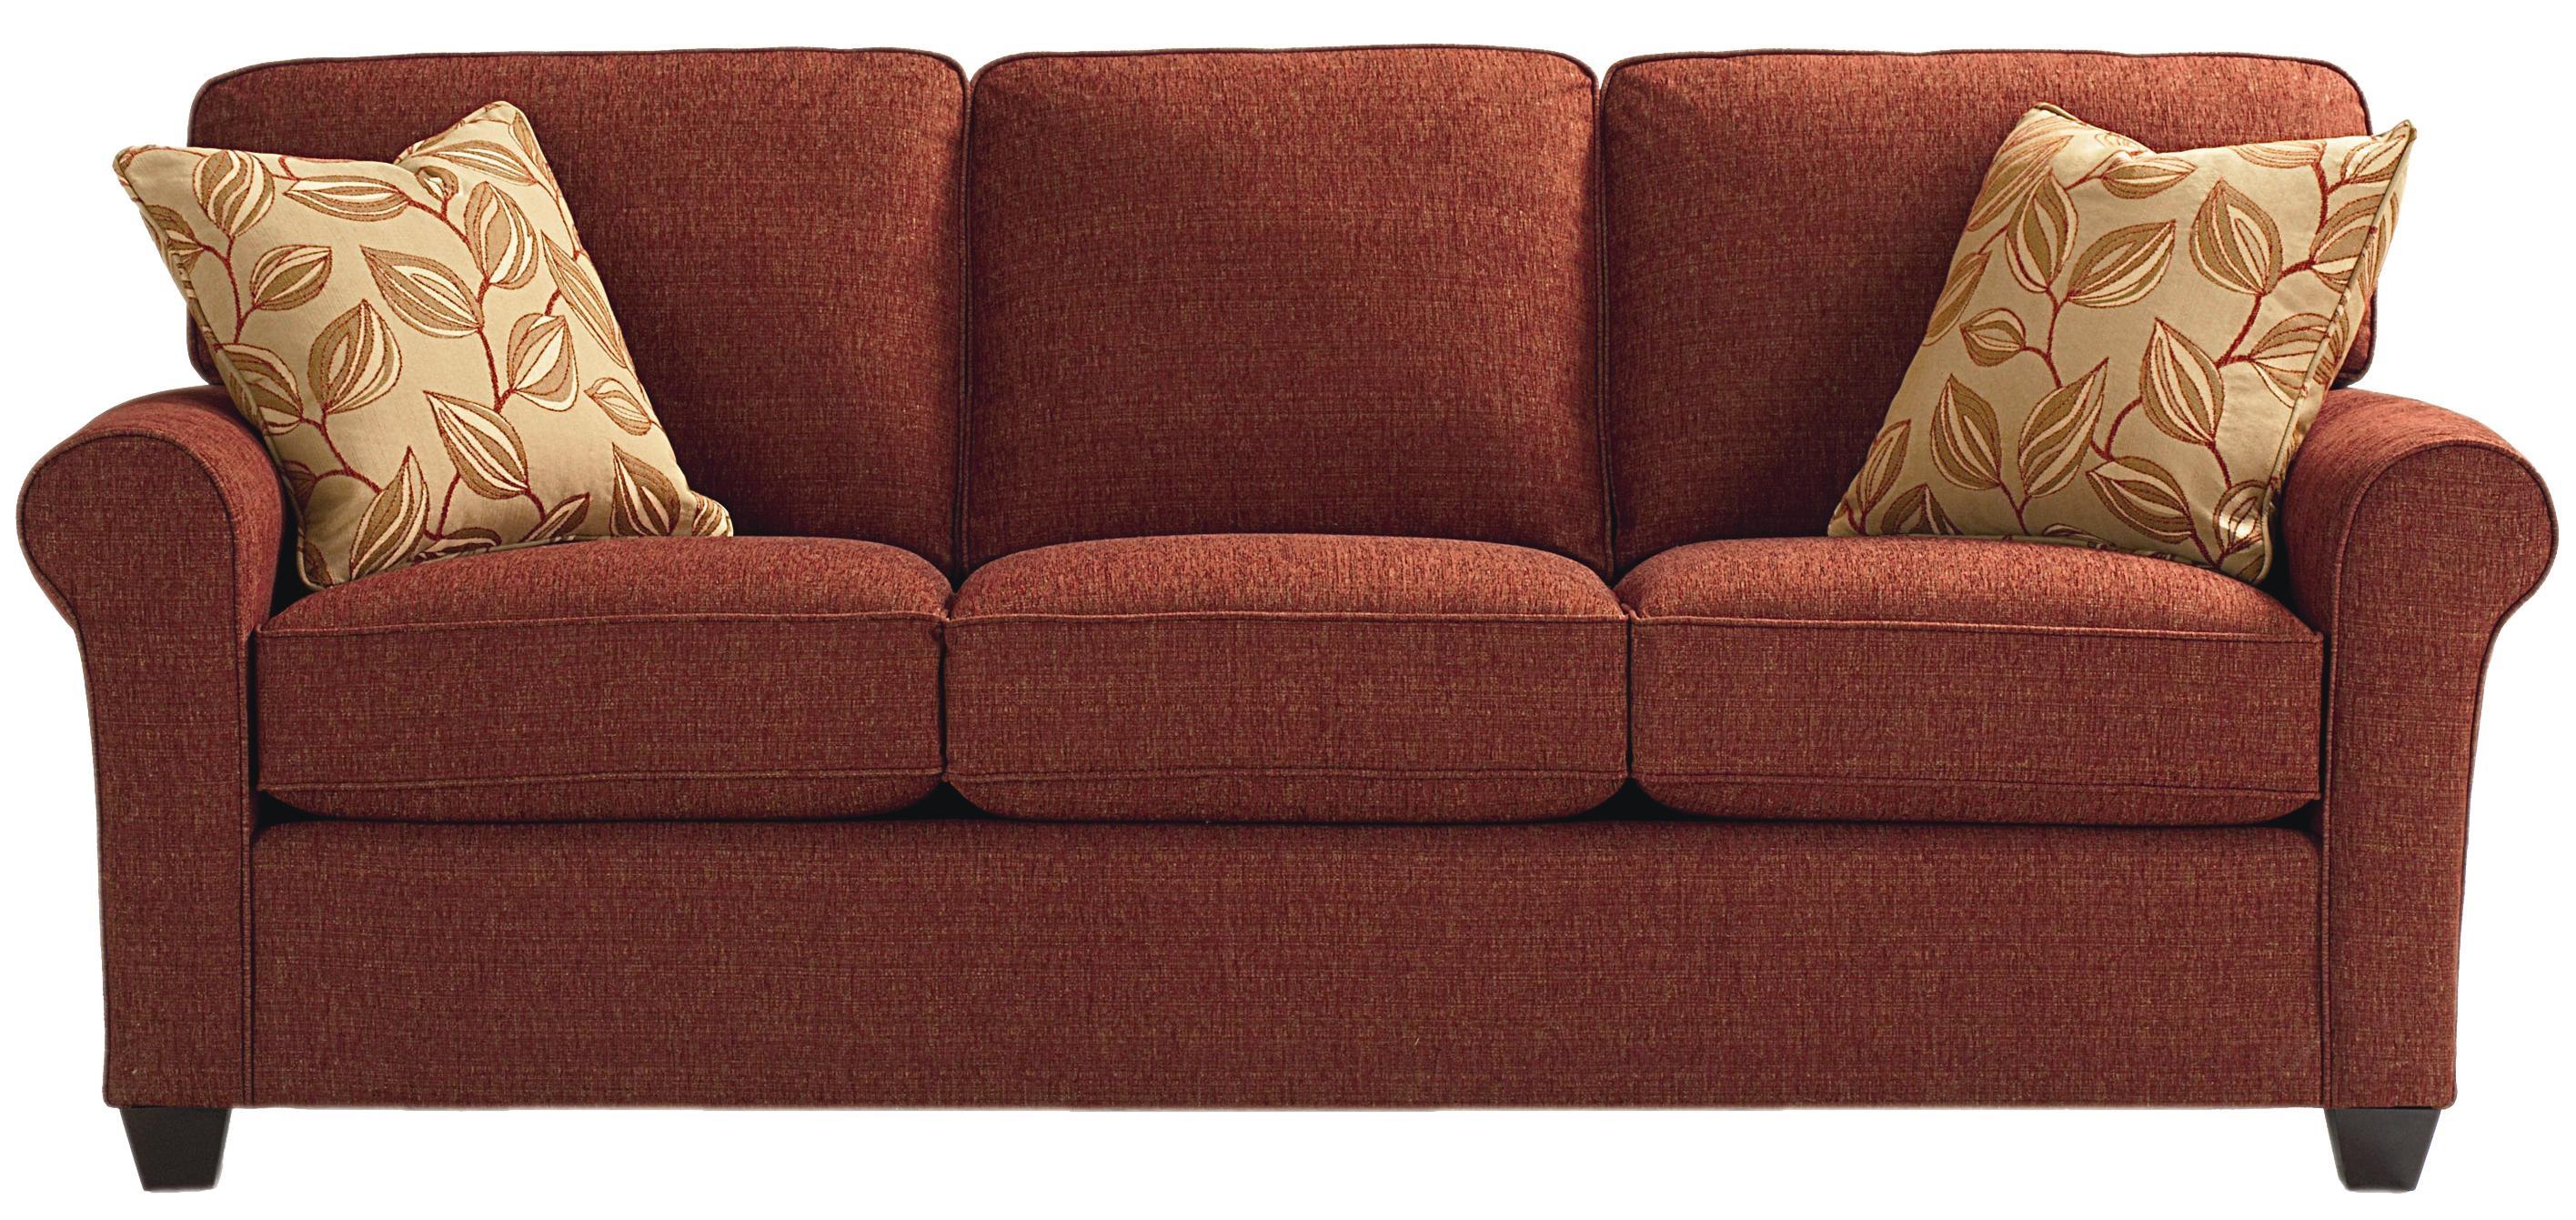 Bassett Furniture Baton Rouge Bassett Brewster Upholstered Stationary sofa Ahfa sofa Dealer